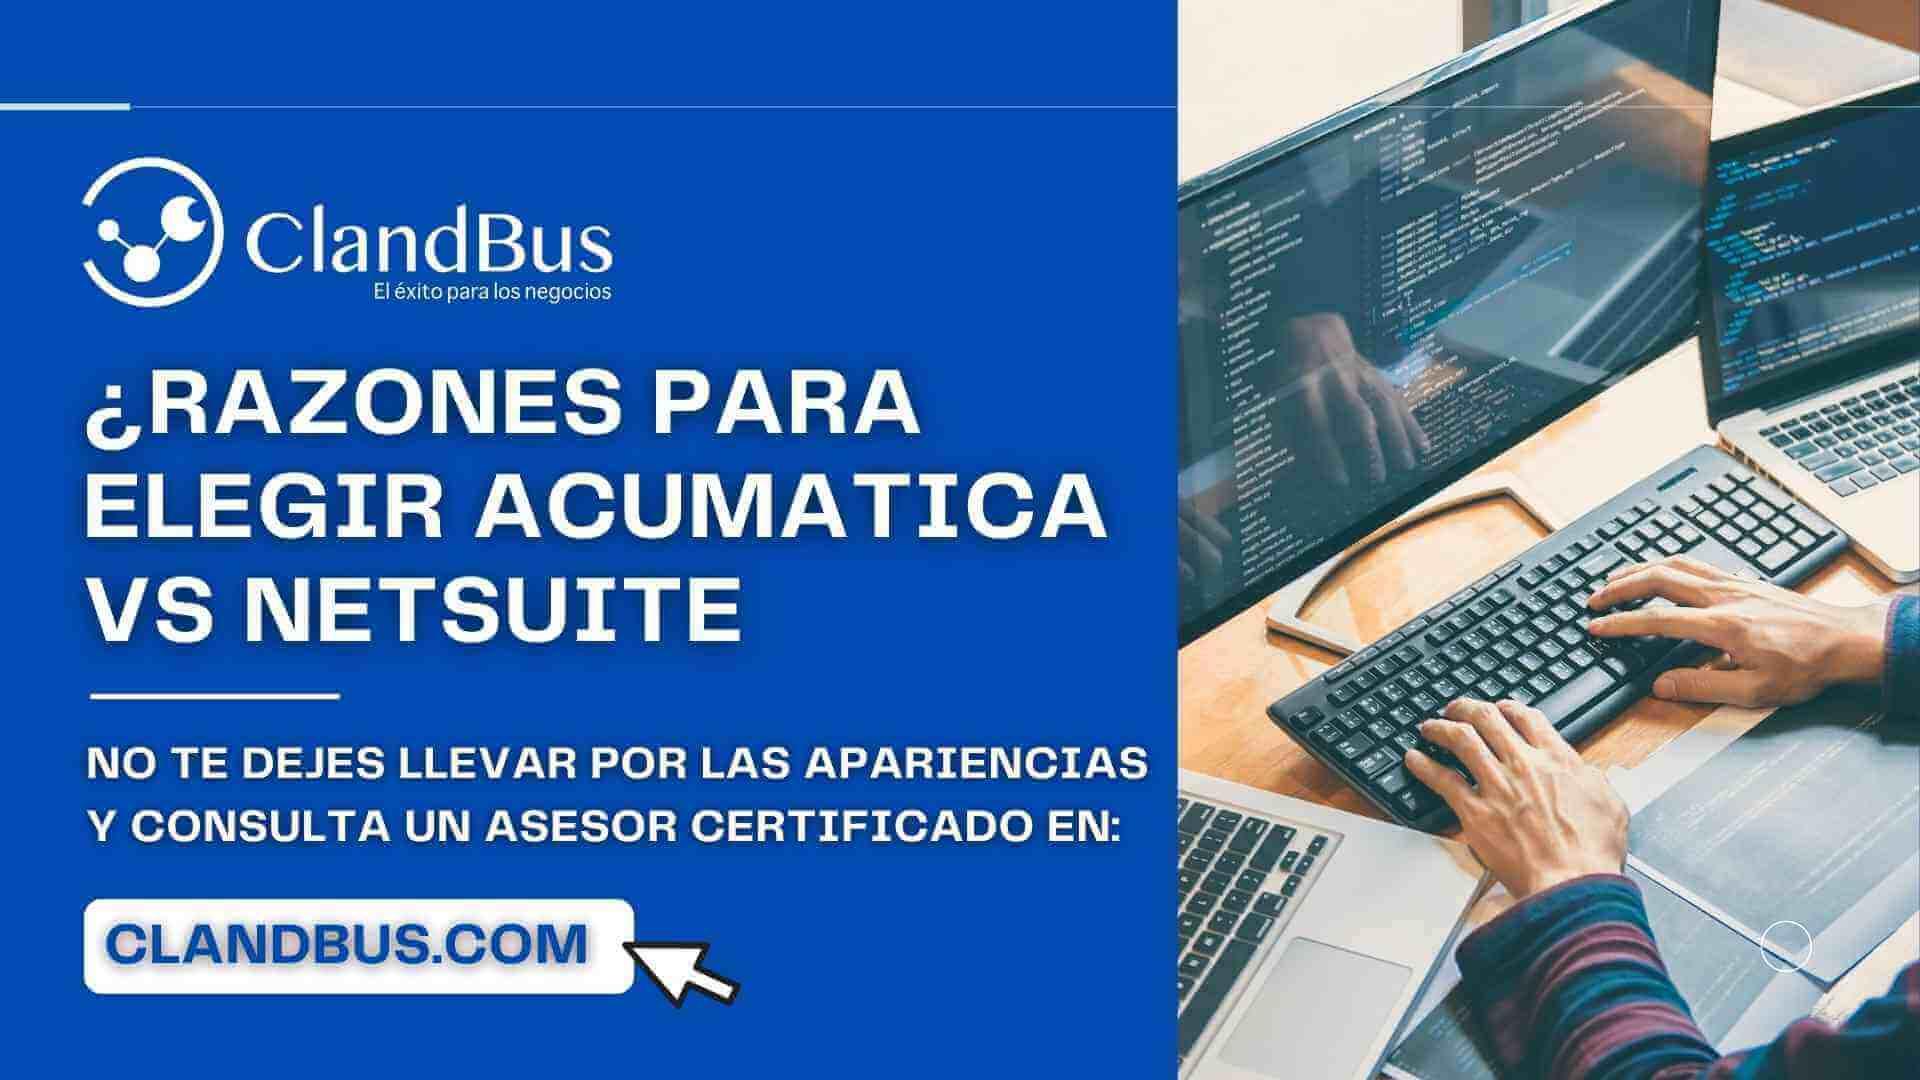 Netsuite - Conoce los diferenciadores clave de implementar Acumatica VS Netsuite enfocandote en el impacto económico de tu empresa con Acumatica y ClandBus